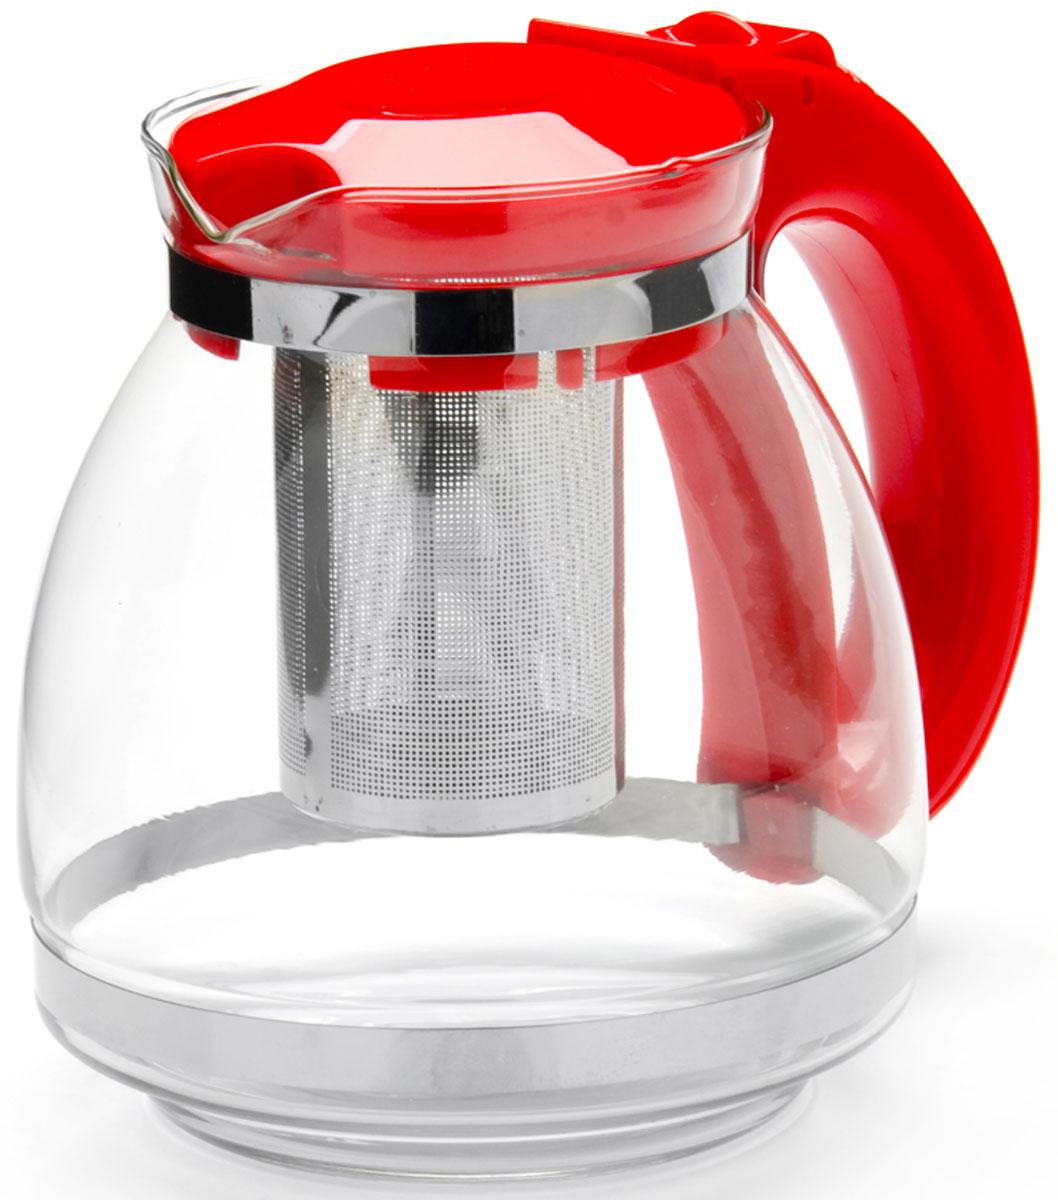 Чайник заварочный Mayer & Boch, с фильтром, цвет: красный, 1,5 л. 26170-126170-1Заварочный чайник Mayer & Boch изготовлен из термостойкого боросиликатного стекла, фильтр выполнен из нержавеющей стали. Изделия из стекла не впитывают запахи, благодаря чему вы всегда получите натуральный, насыщенный вкус и аромат напитков. Заварочный чайник из стекла удобно использовать для повседневного заваривания чая практически любого сорта. Но цветочные, фруктовые, красные и желтые сорта чая лучше других раскрывают свой вкус и аромат при заваривании именно в стеклянных чайниках, а также сохраняют все полезные ферменты и витамины, содержащиеся в чайных листах. Стальной фильтр гарантирует прозрачность и чистоту напитка от чайных листьев, при этом сохранив букет и насыщенность чая.Прозрачные стенки чайника дают возможность насладиться насыщенным цветом заваренного чая. Изящный заварочный чайник Mayer & Boch будет прекрасно смотреться в любом интерьере. Подходит для мытья в посудомоечной машине.